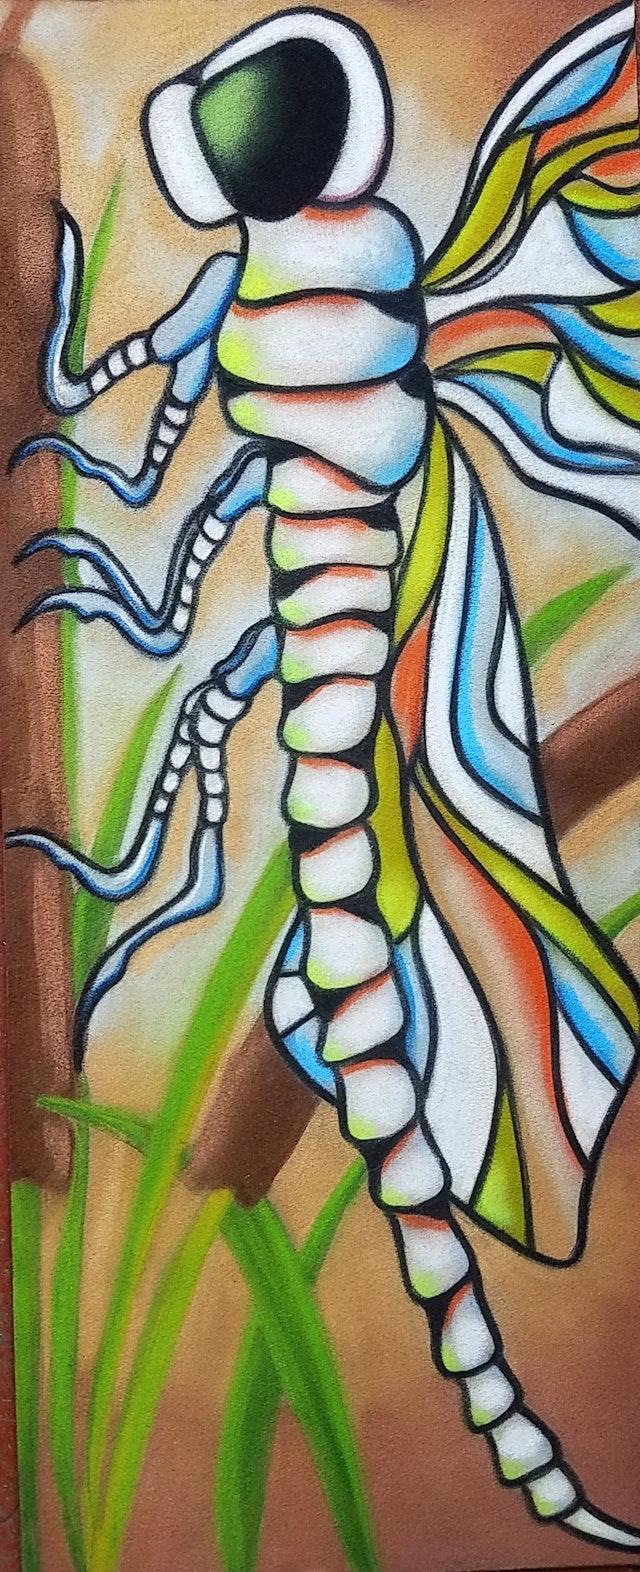 Robyn-Dragonfly